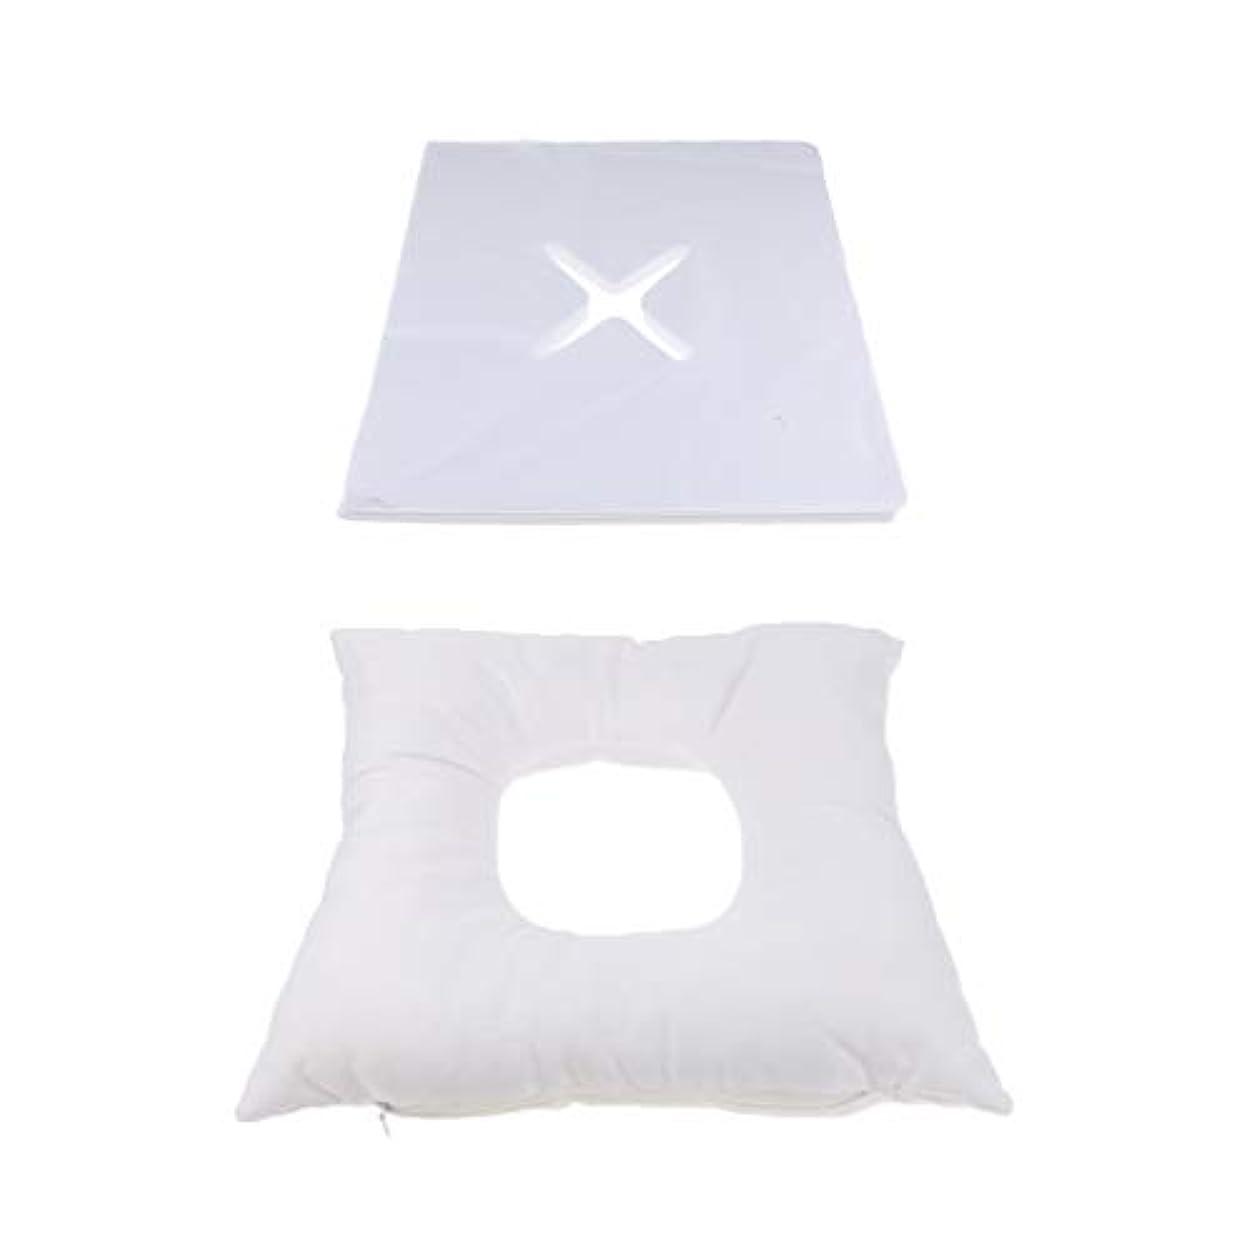 拷問右委託dailymall 200使い捨てカバーセットキットとスパマッサージベッド顔クレードルクッション枕